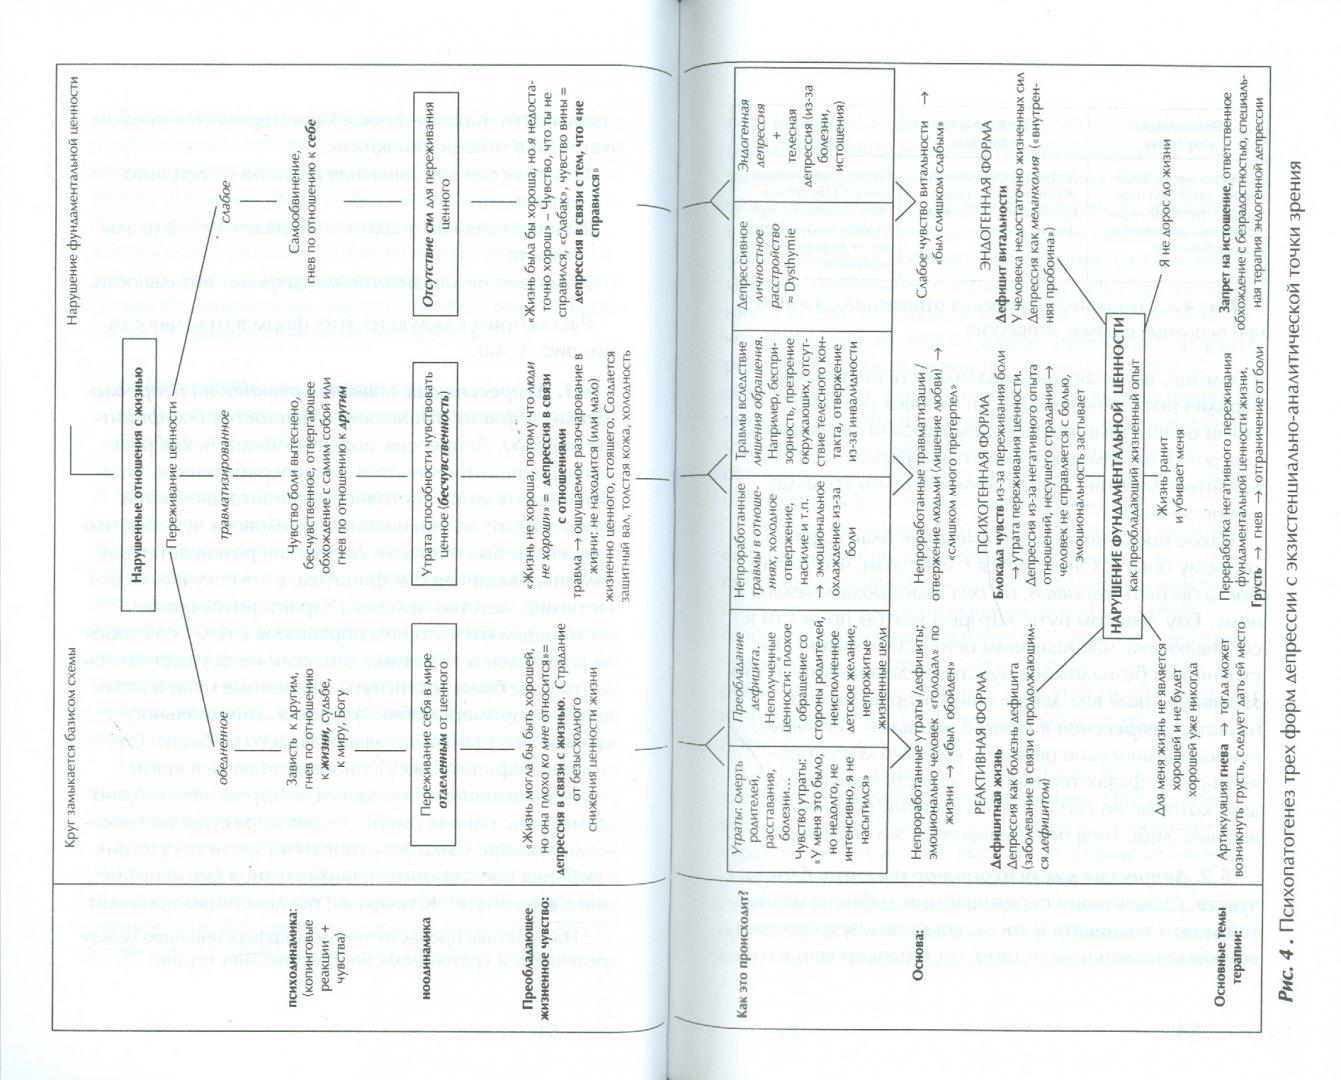 Иллюстрация 1 из 23 для Дотянуться до жизни... Экзистенциальный анализ депрессии - Альфрид Лэнгле | Лабиринт - книги. Источник: Лабиринт